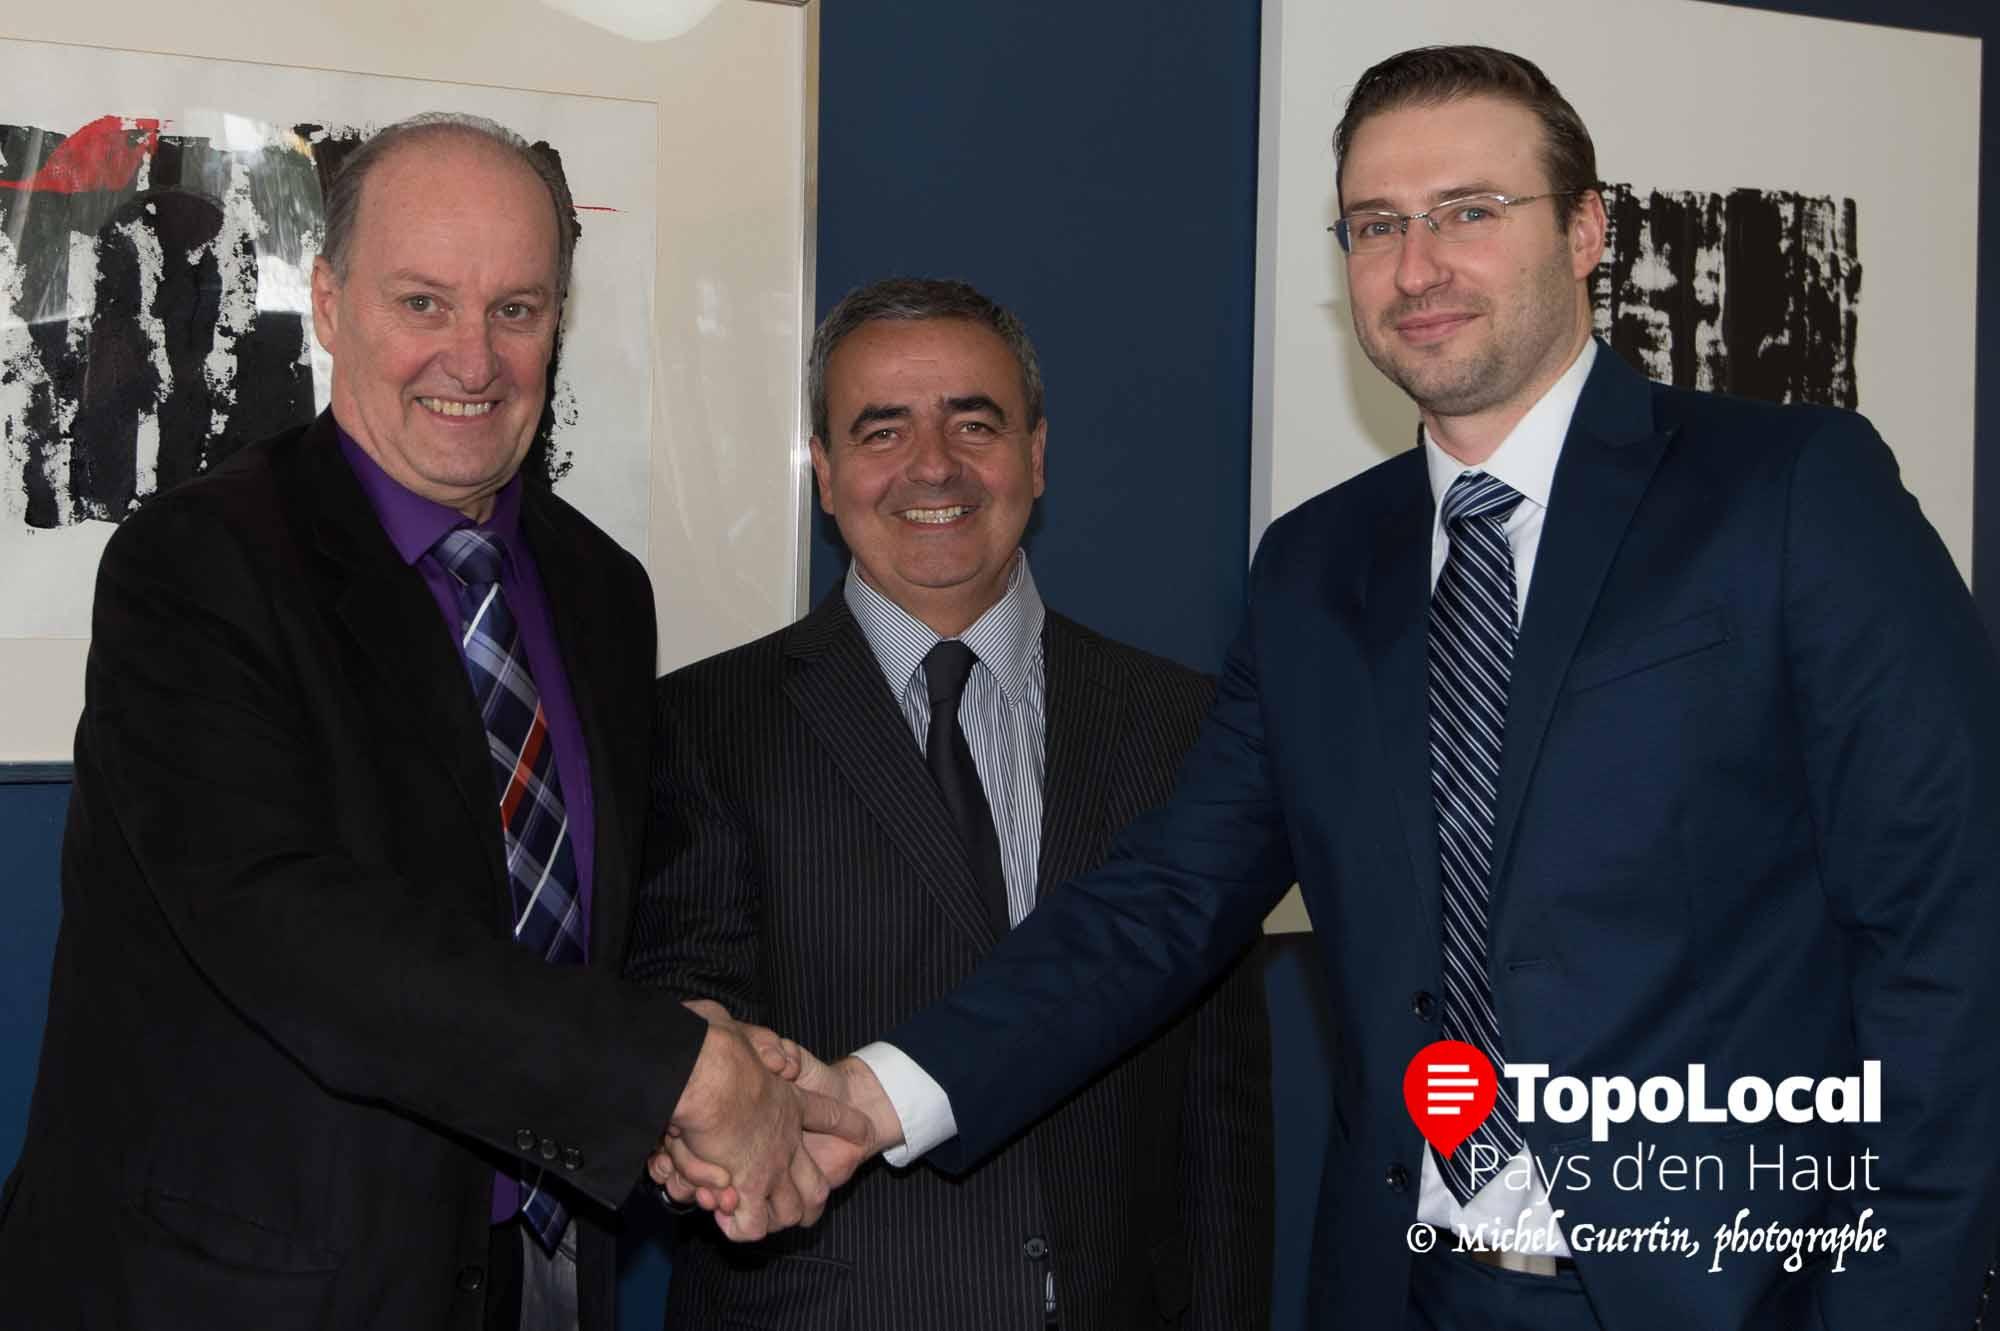 Les trois propriétaires Yves de Carufel, Pierre Senez et Marek Glanas étaient heureux d'annoncer leur nouvelle association.